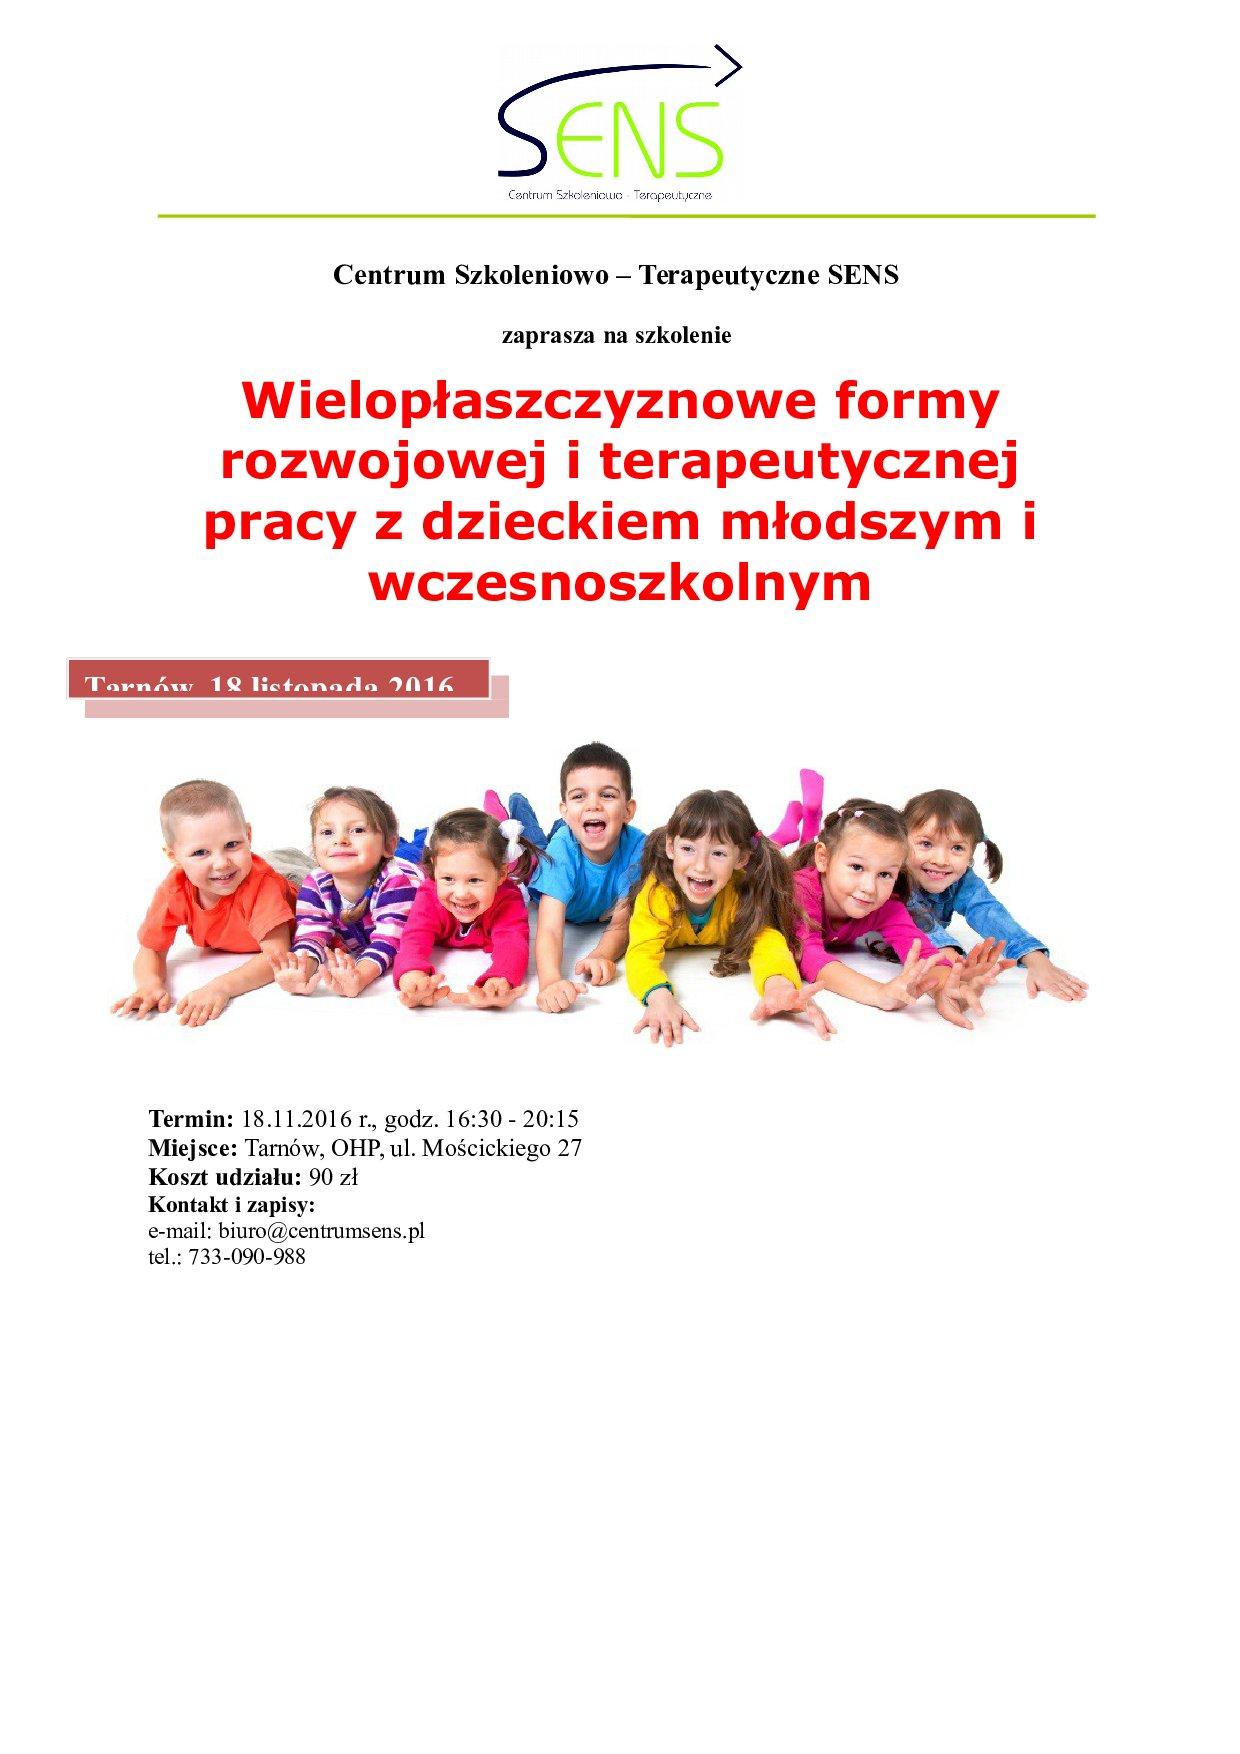 Tarnów. Wielopłaszczyznowe formy pracy z dzieckiem. 18.11.2016 r.